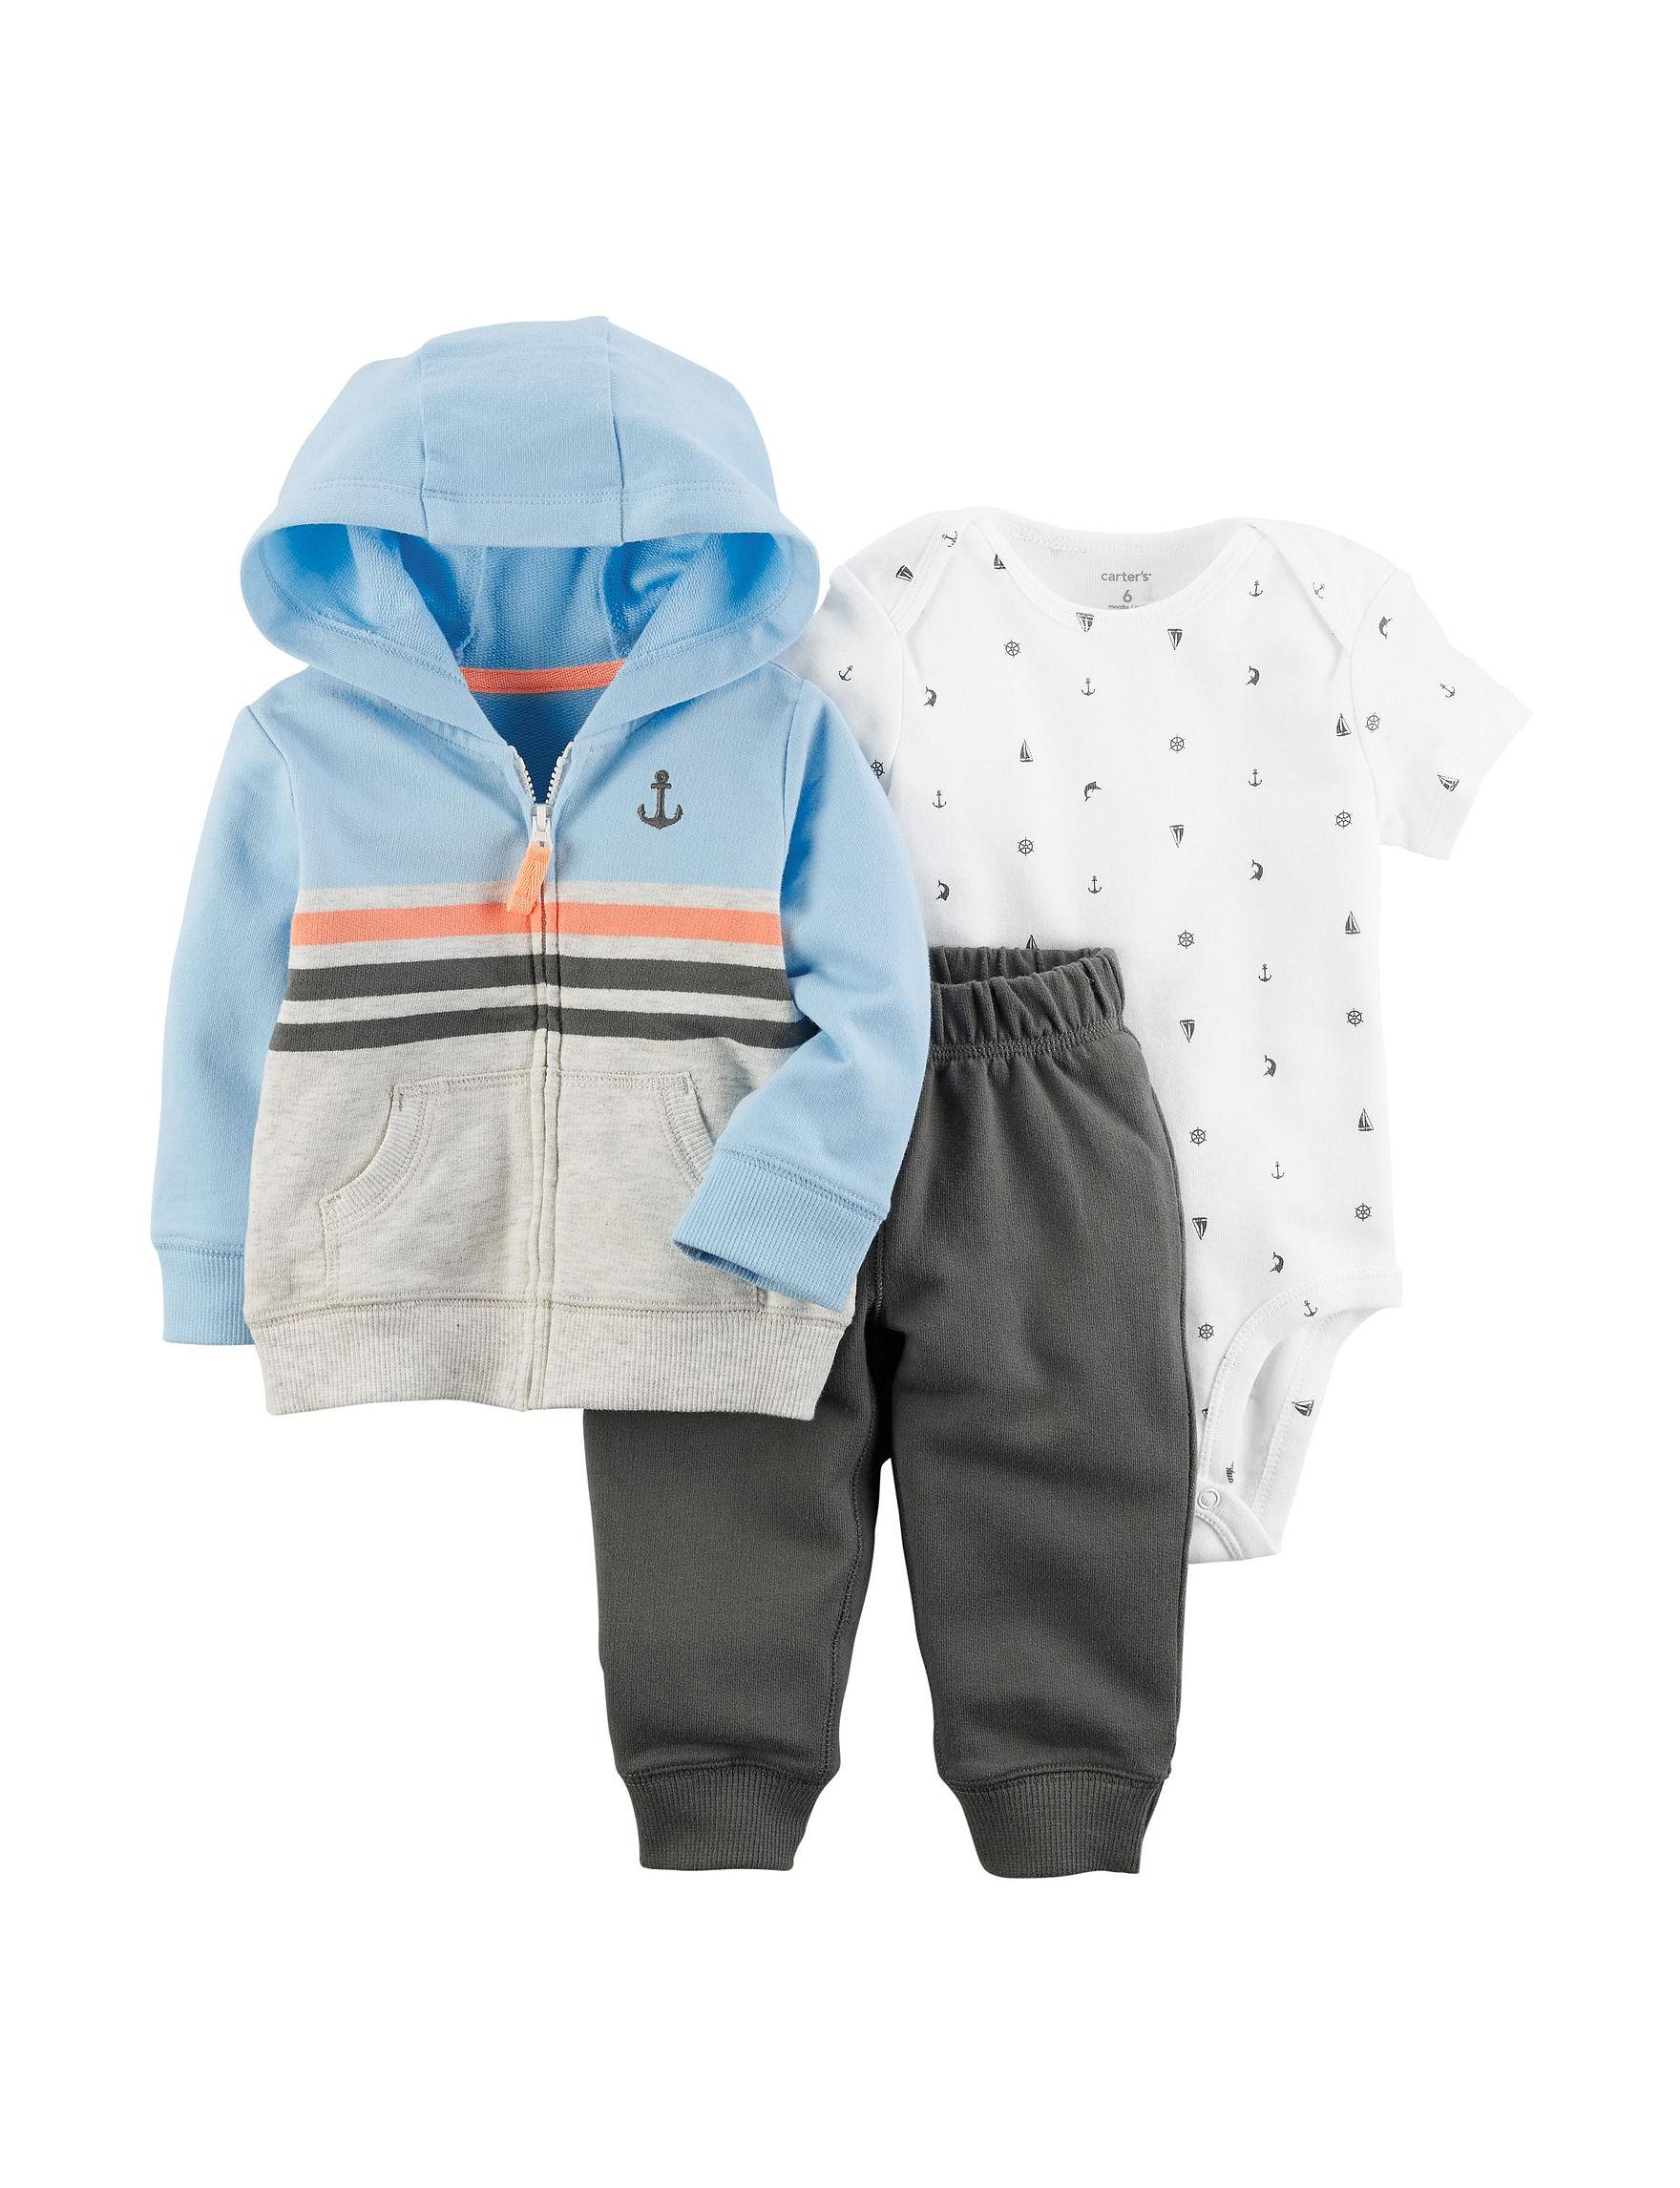 Carter's Grey Multi